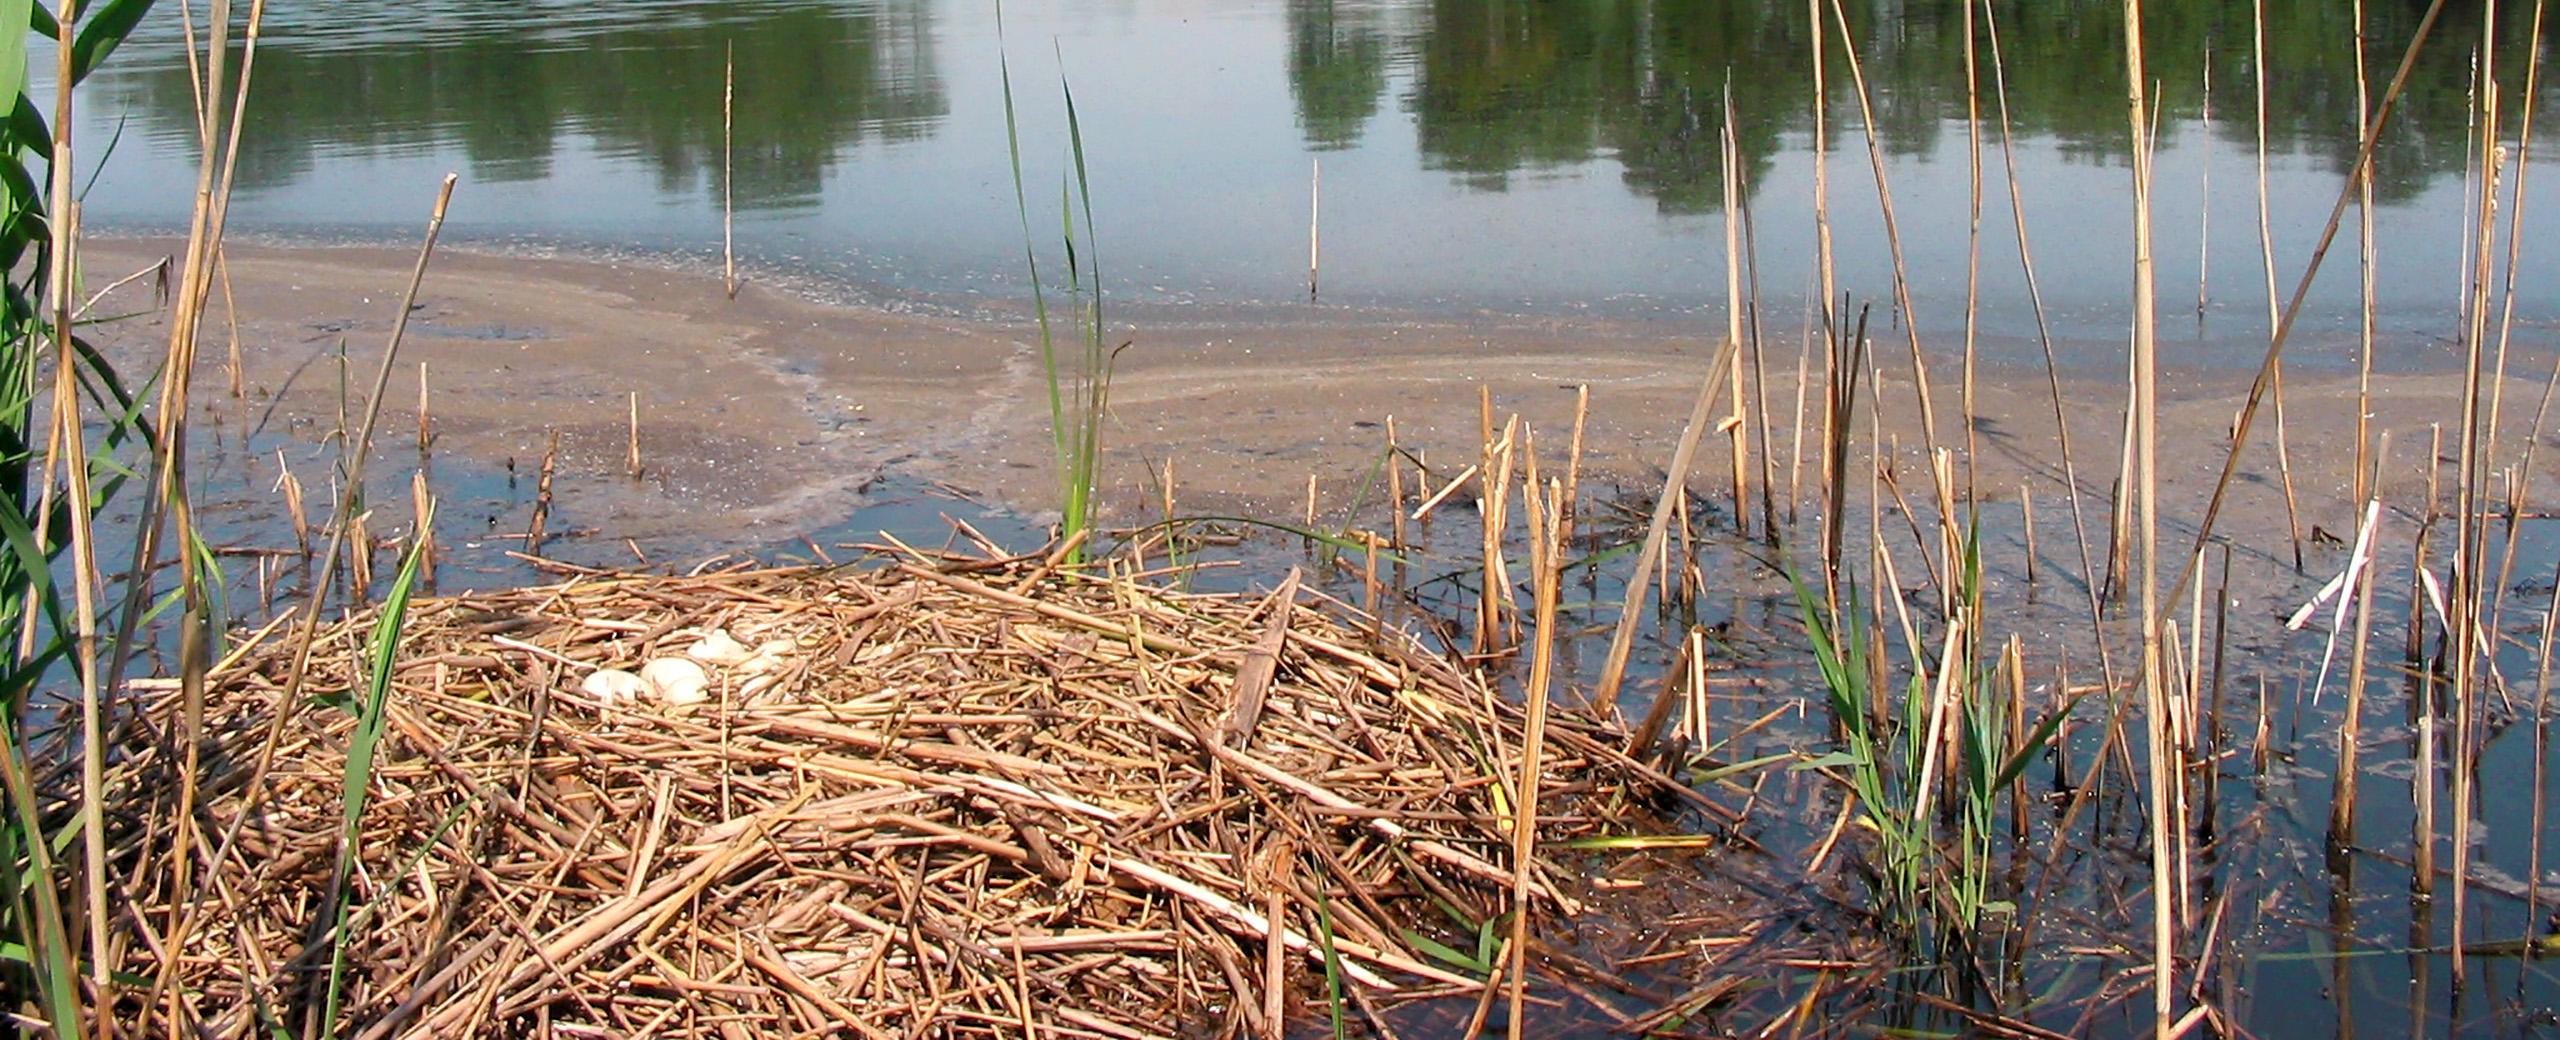 Impact des changements climatiques sur les écosystèmes et les espèces